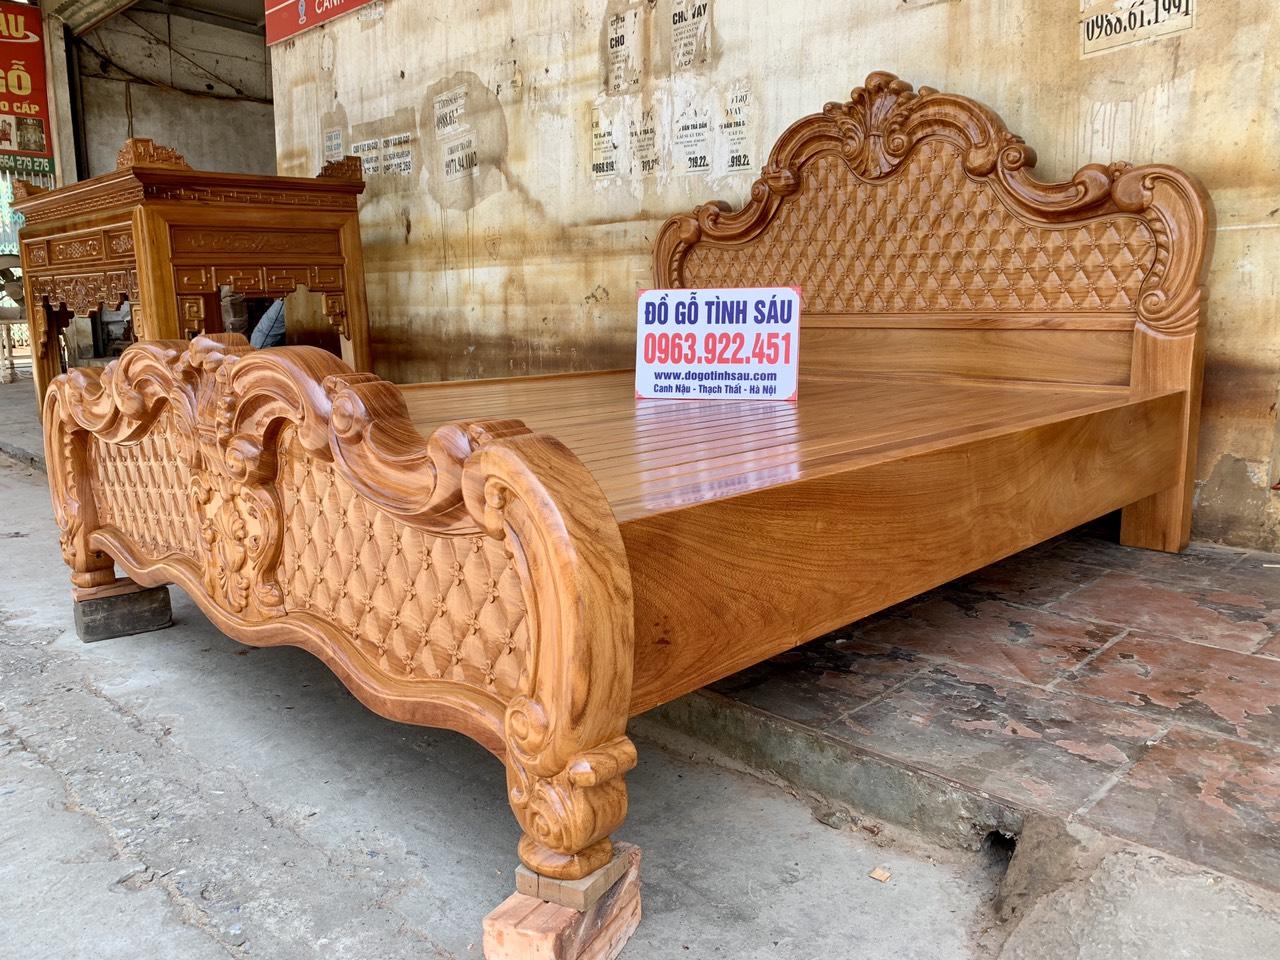 giuong ngu mau hoang gia go go do 1m8x2m 4 - Giường ngủ mẫu Hoàng Gia gỗ gõ đỏ kích thước 1m8 x 2m